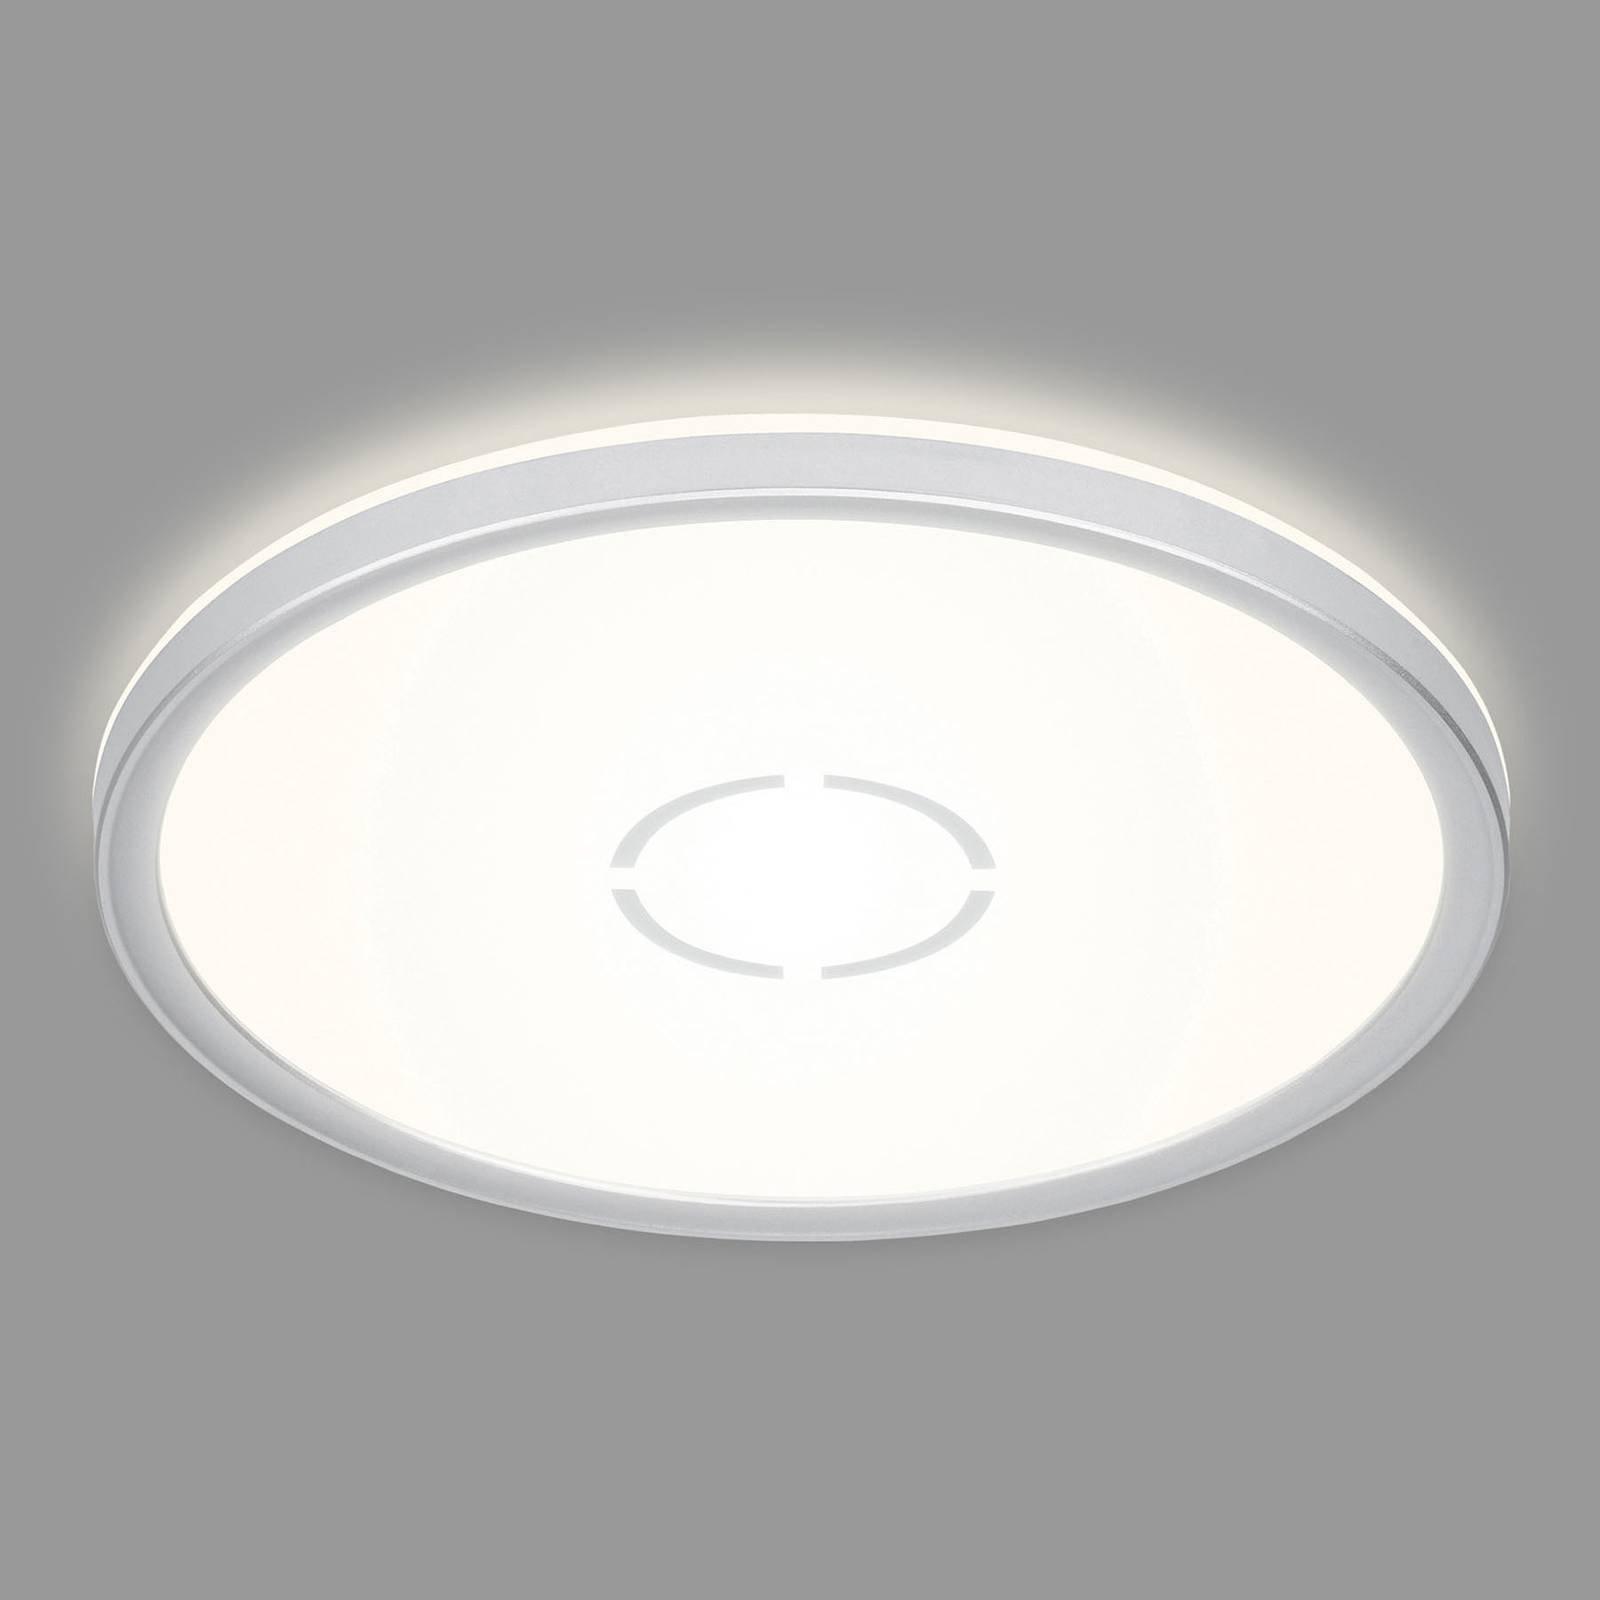 LED-taklampe Free Ø 29 cm, sølv